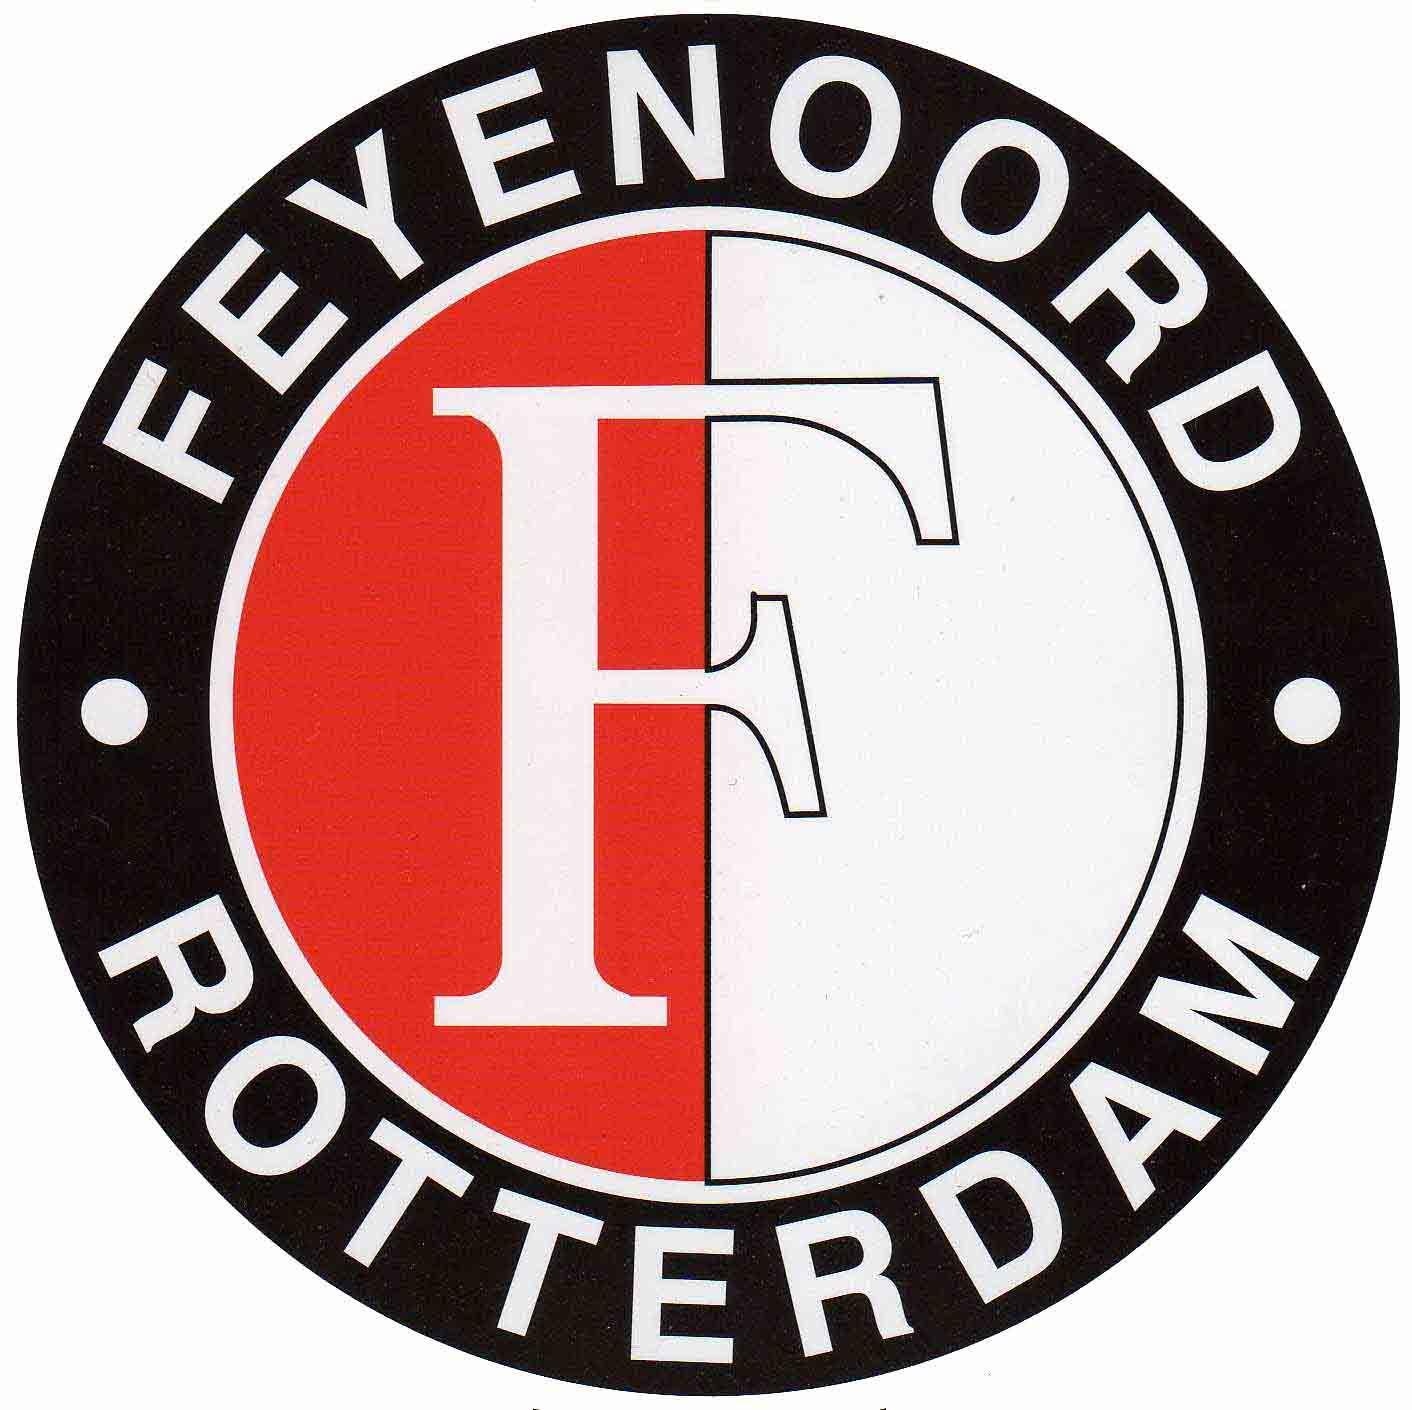 Feyenoord Rotterdam favoriete voetbalclub uit Nederland | ckv ...